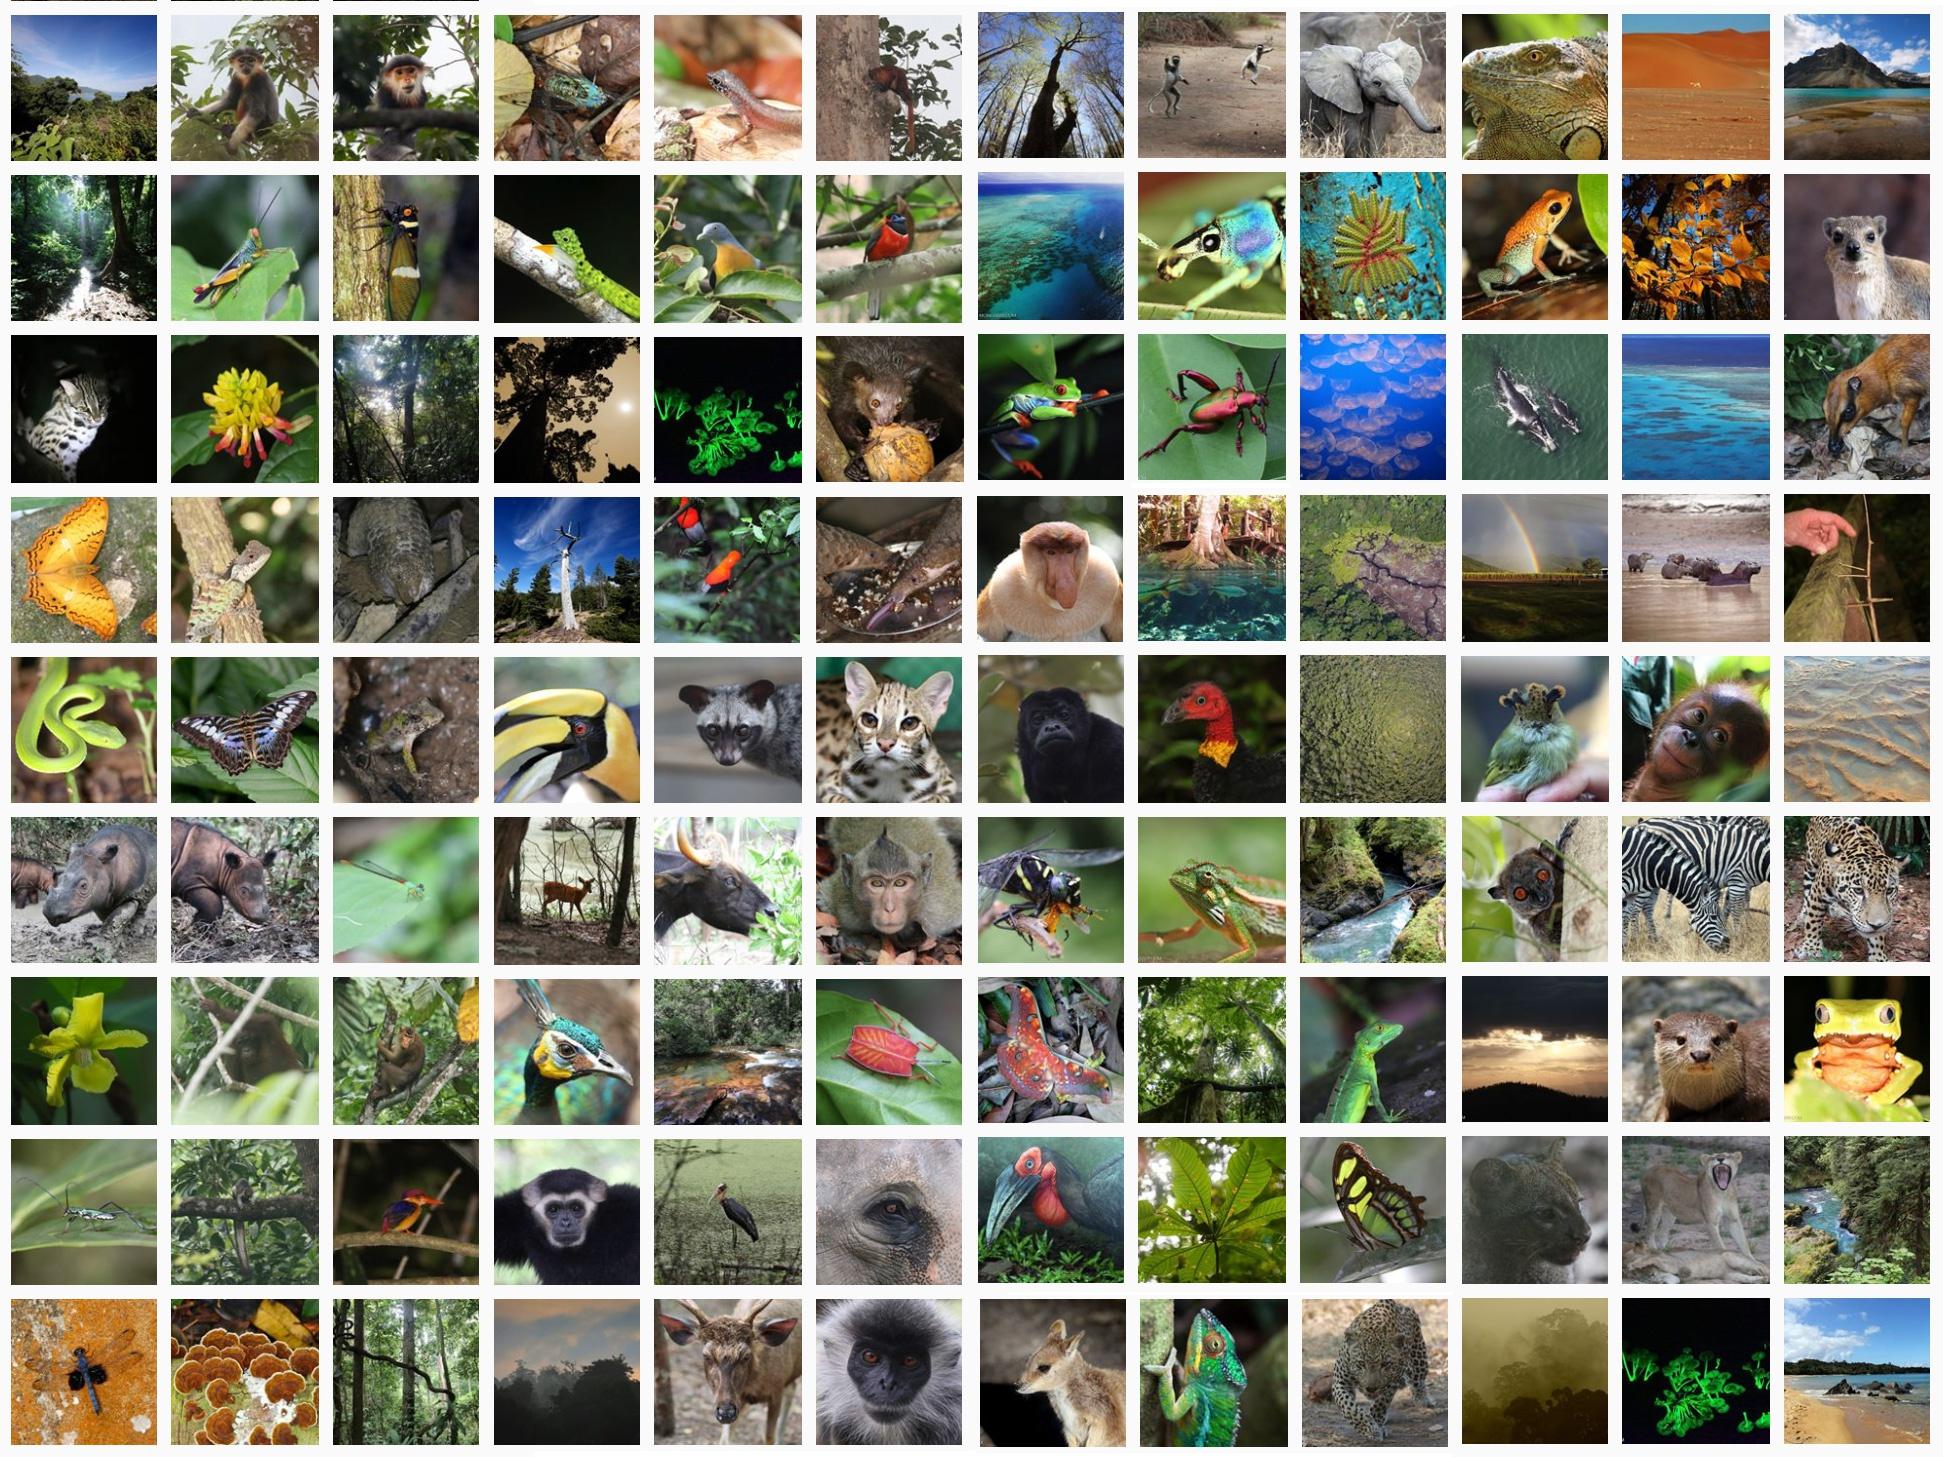 Daftar Tumbuhan Hewan Yang Dilindungi Di Indonesia